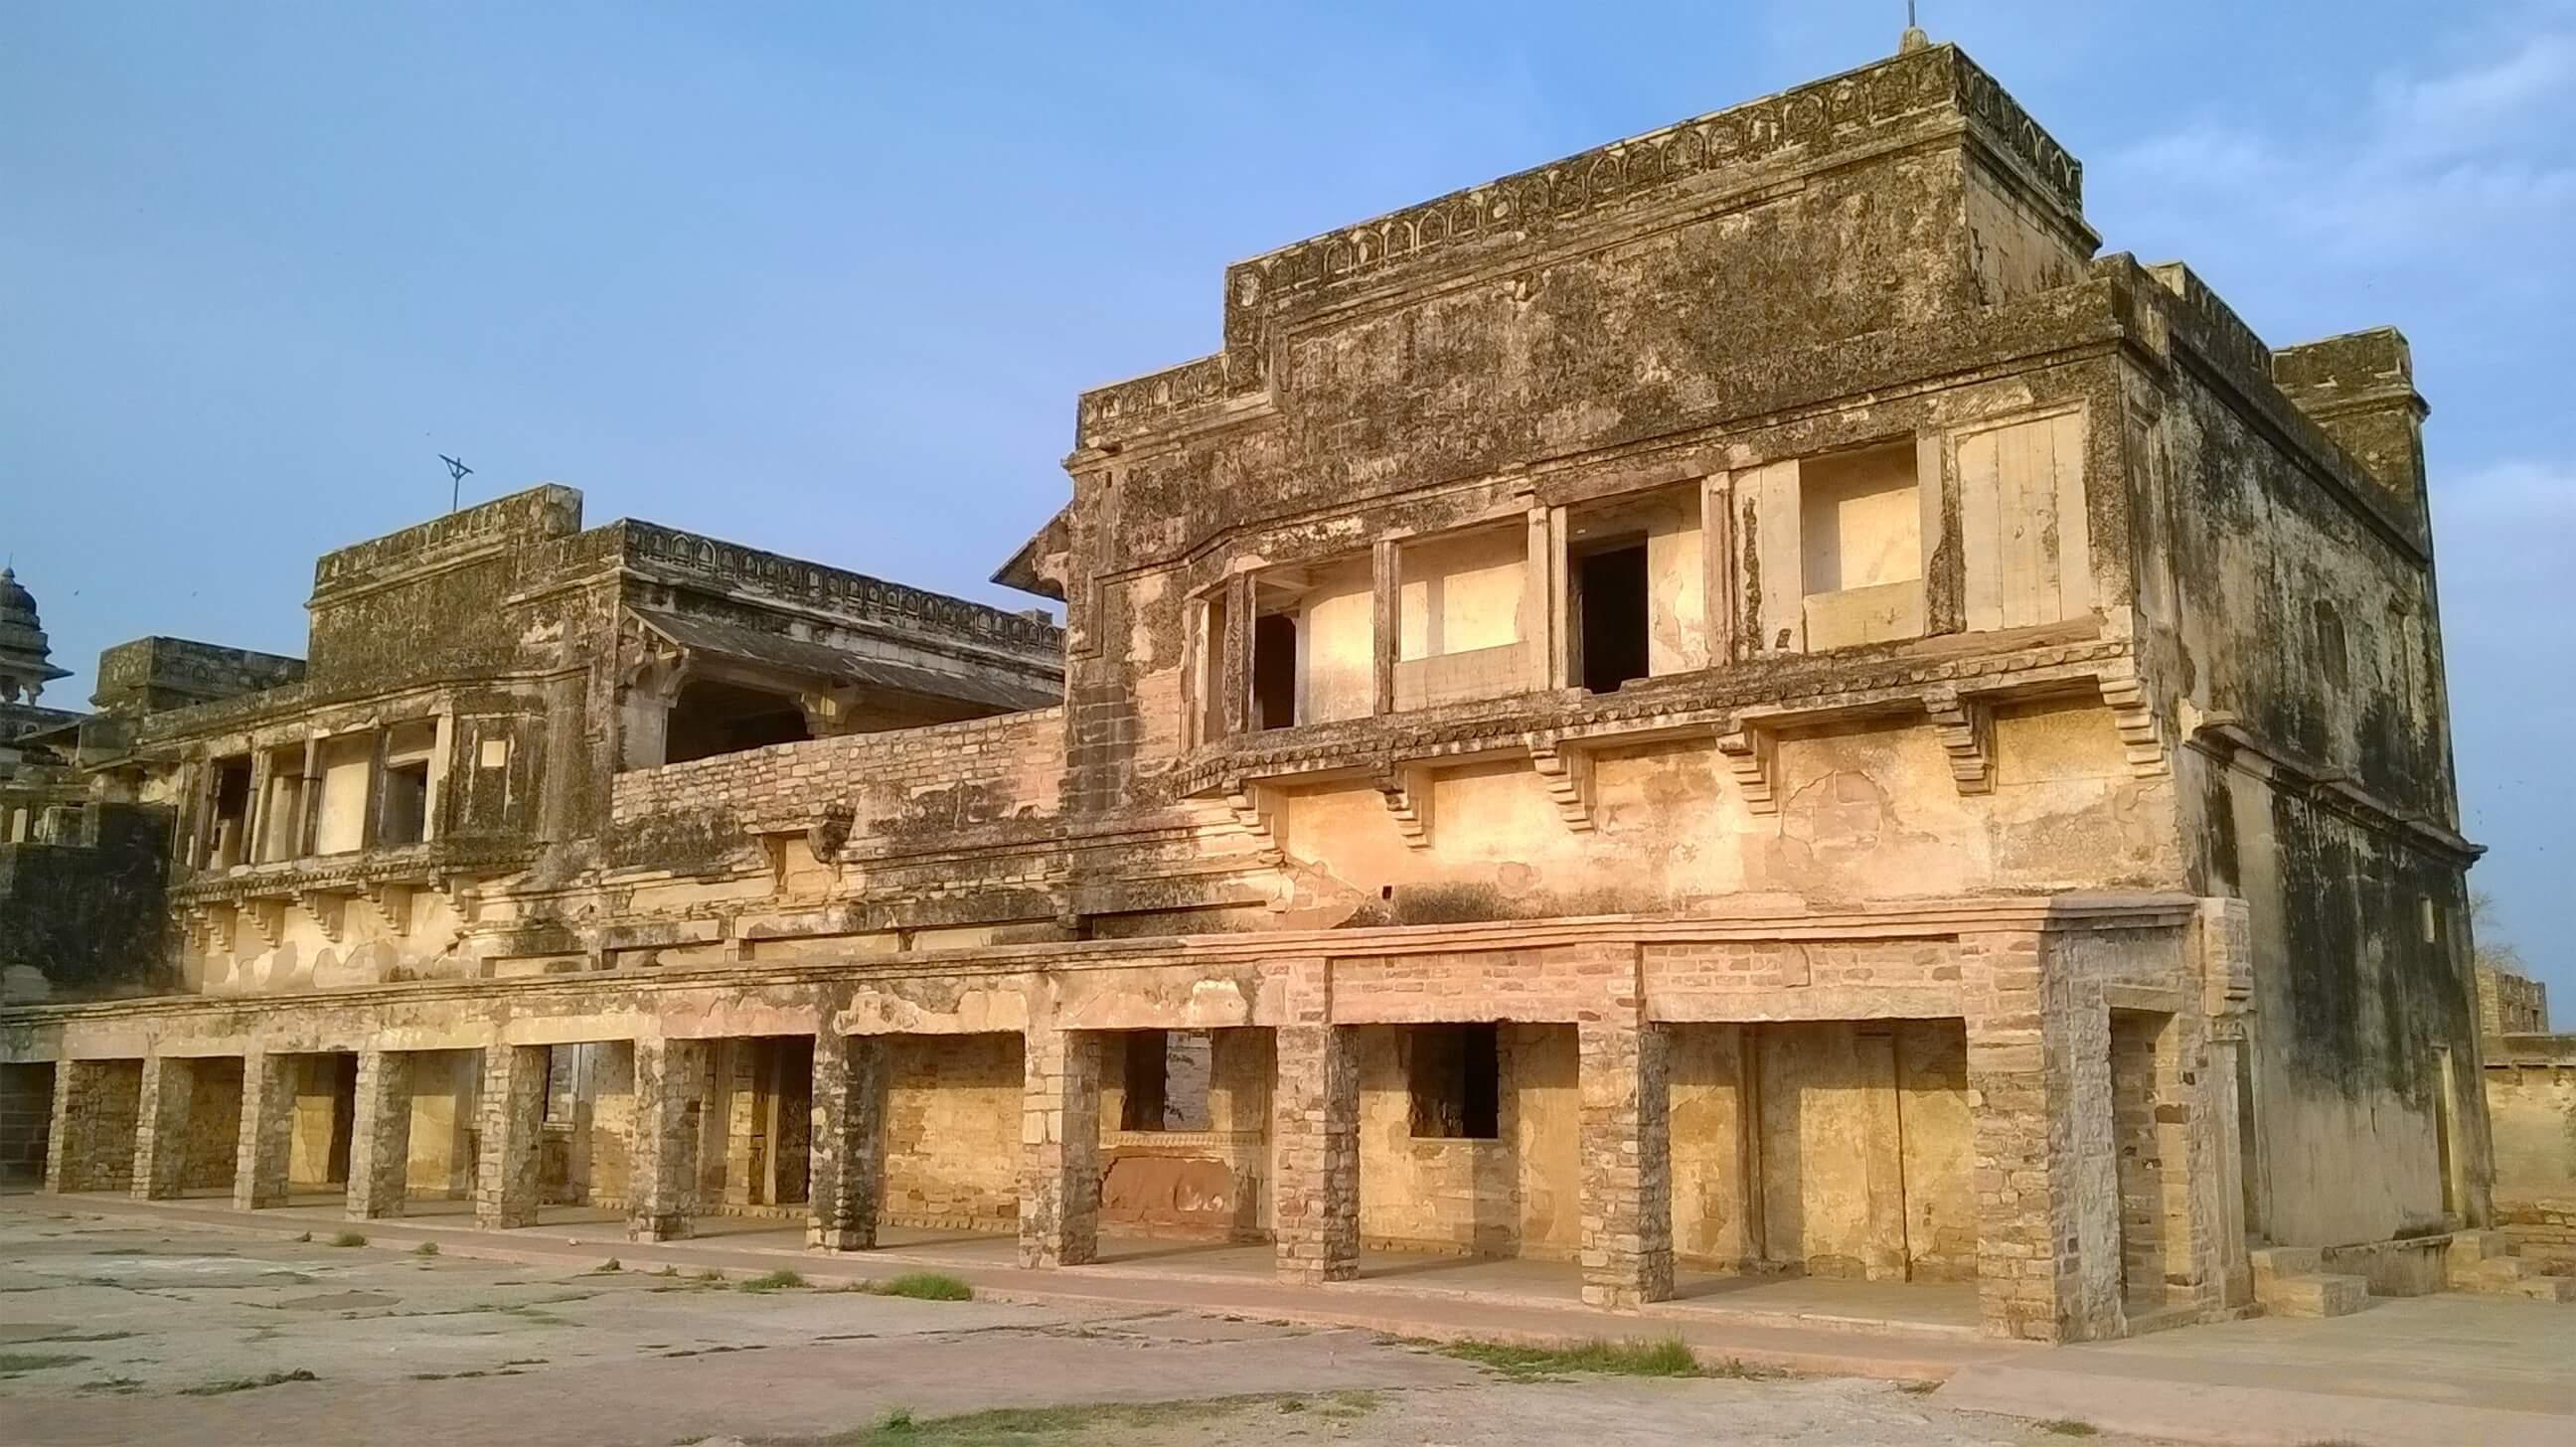 Karan Mahal Gwalior